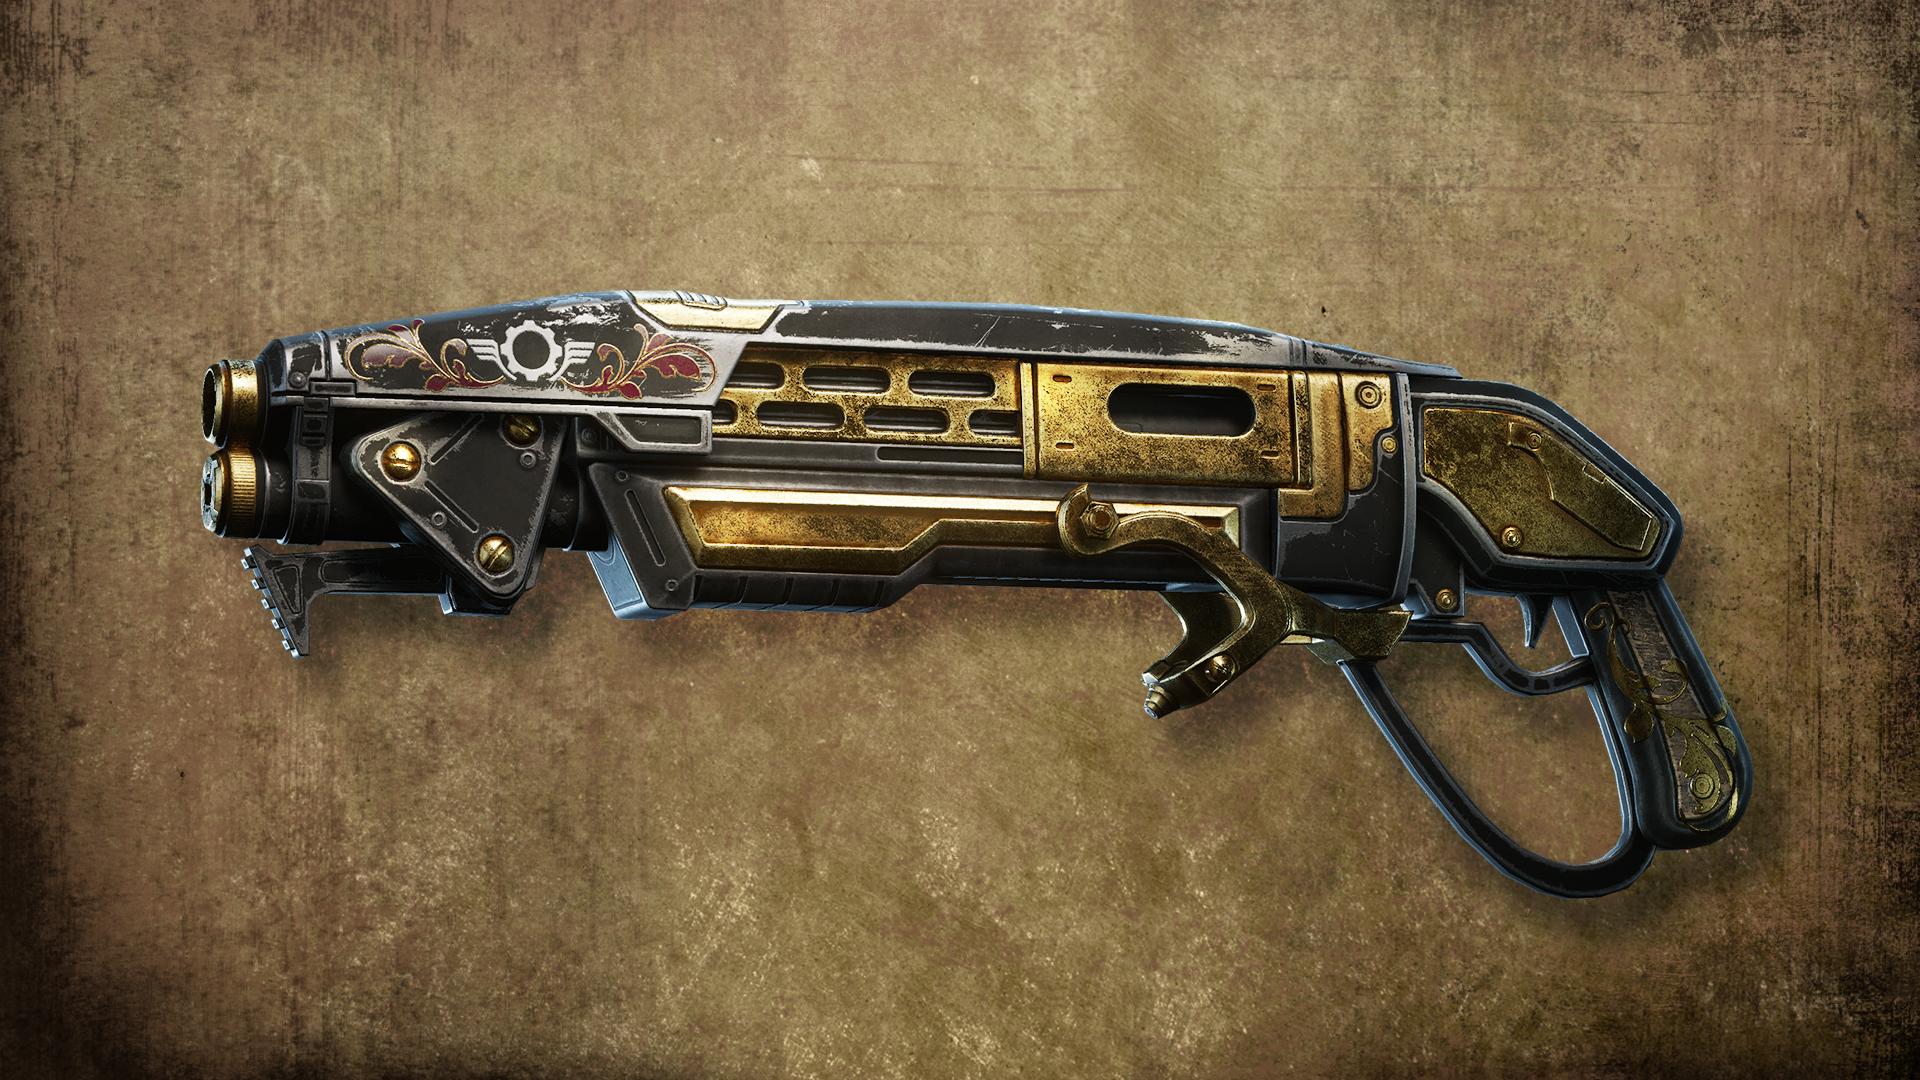 Gears Of War 4 Gold Gnasher - HD Wallpaper